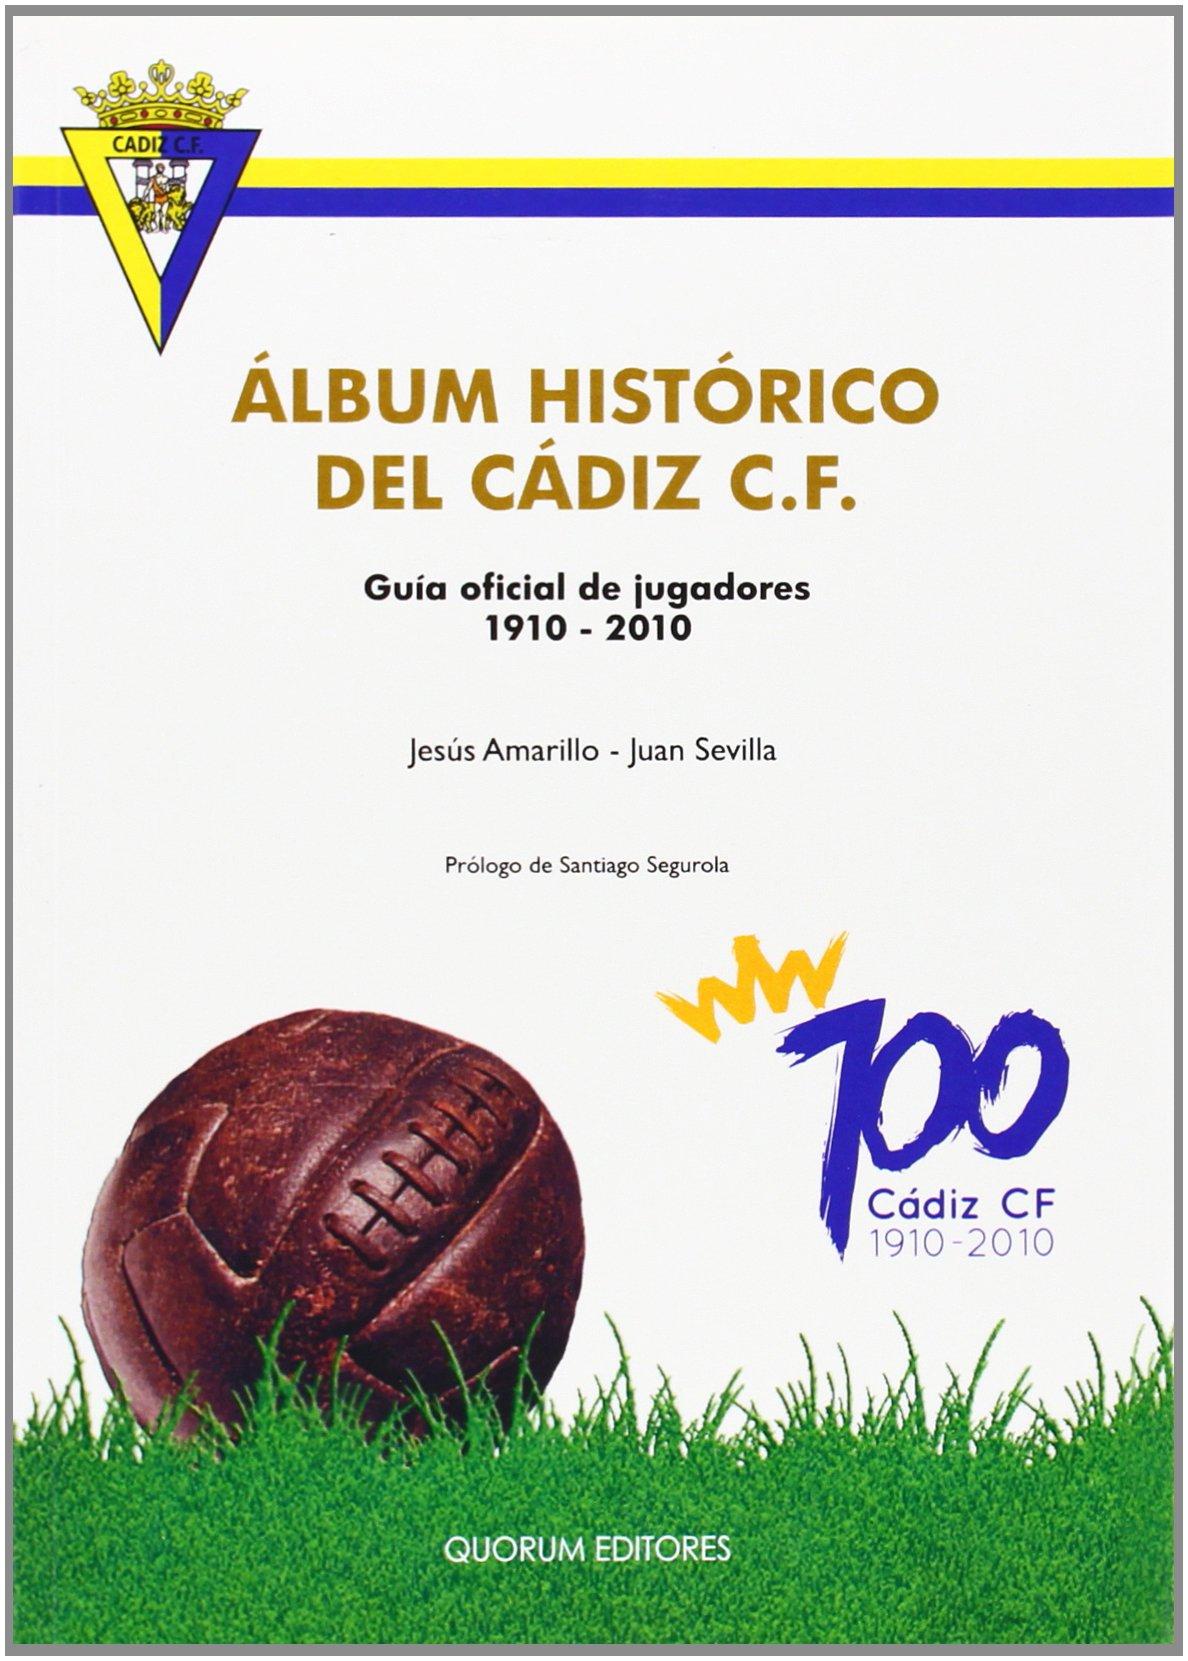 Álbum histórico del Cádiz C.F.: Guía oficial de jugadores 1910-2010: Amazon.es: Martín-Arroyo Amarillo, Jesús, Sevilla Santos, Juan Manuel: Libros